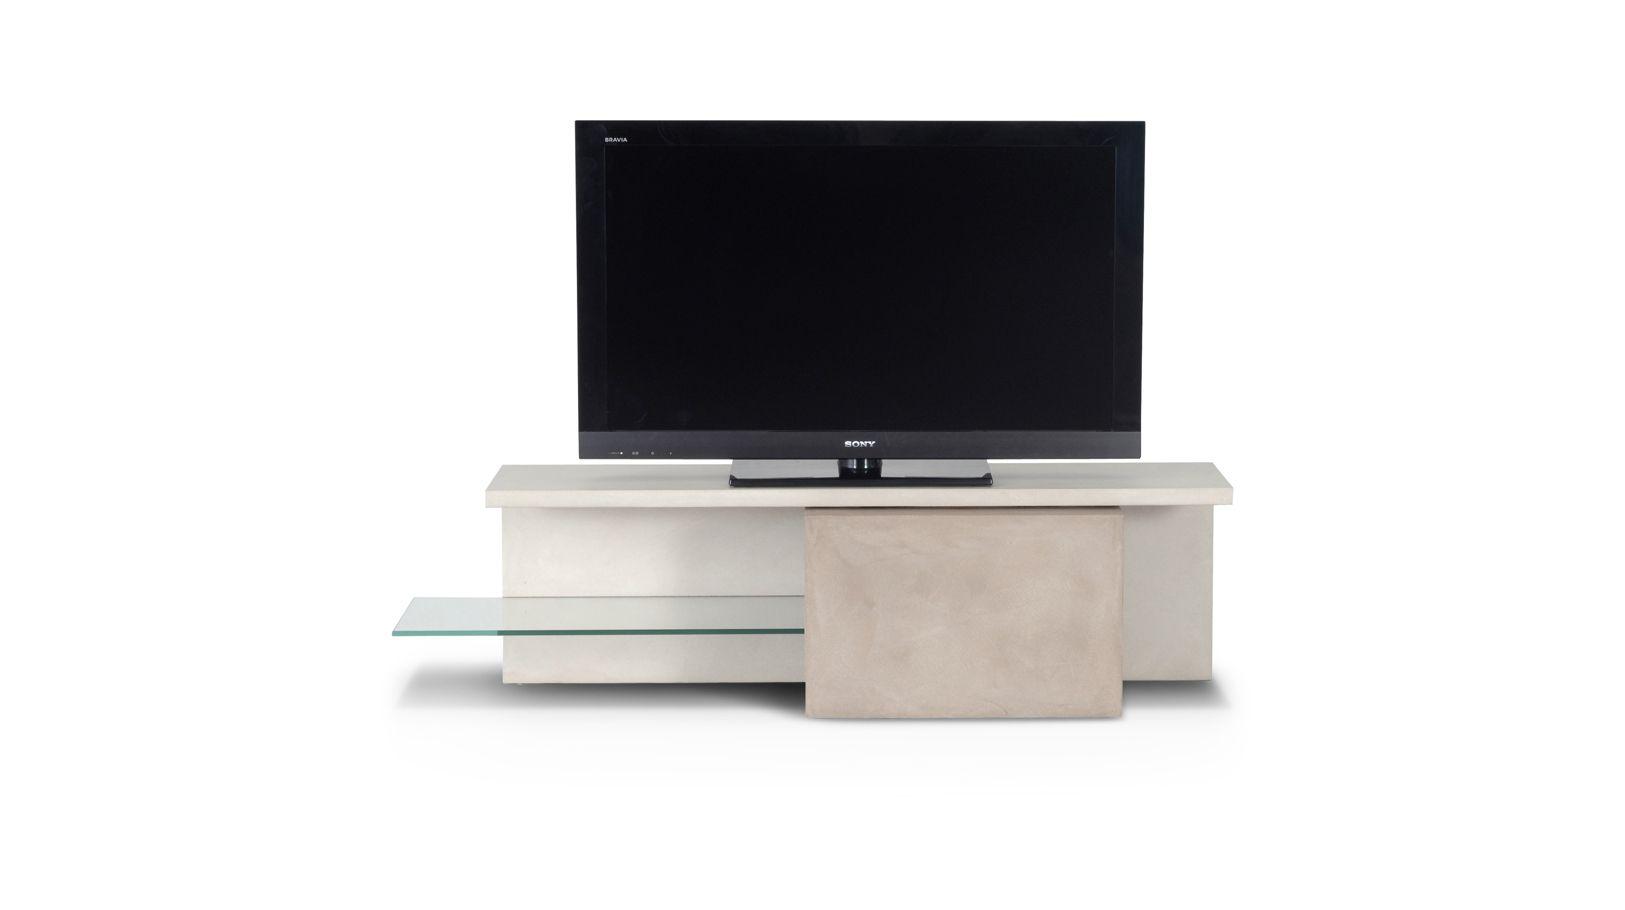 meuble tv panneau coulissant meubles de design d 39 inspiration pour la t l vision. Black Bedroom Furniture Sets. Home Design Ideas